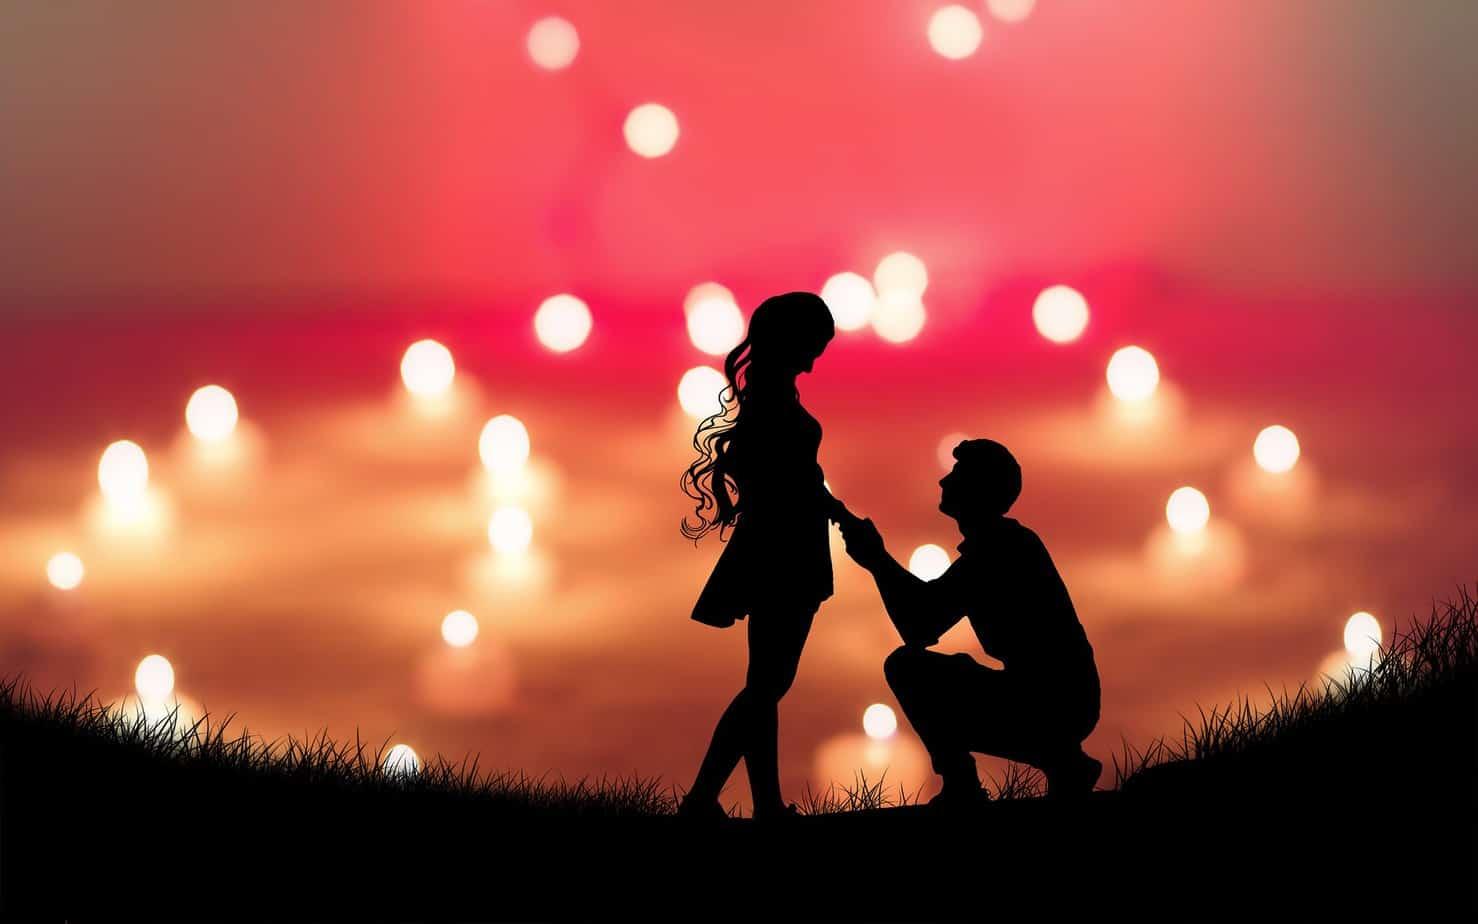 Tomber amoureux ? 7 attitudes qui font imaginer que nous avons trouve l'amour